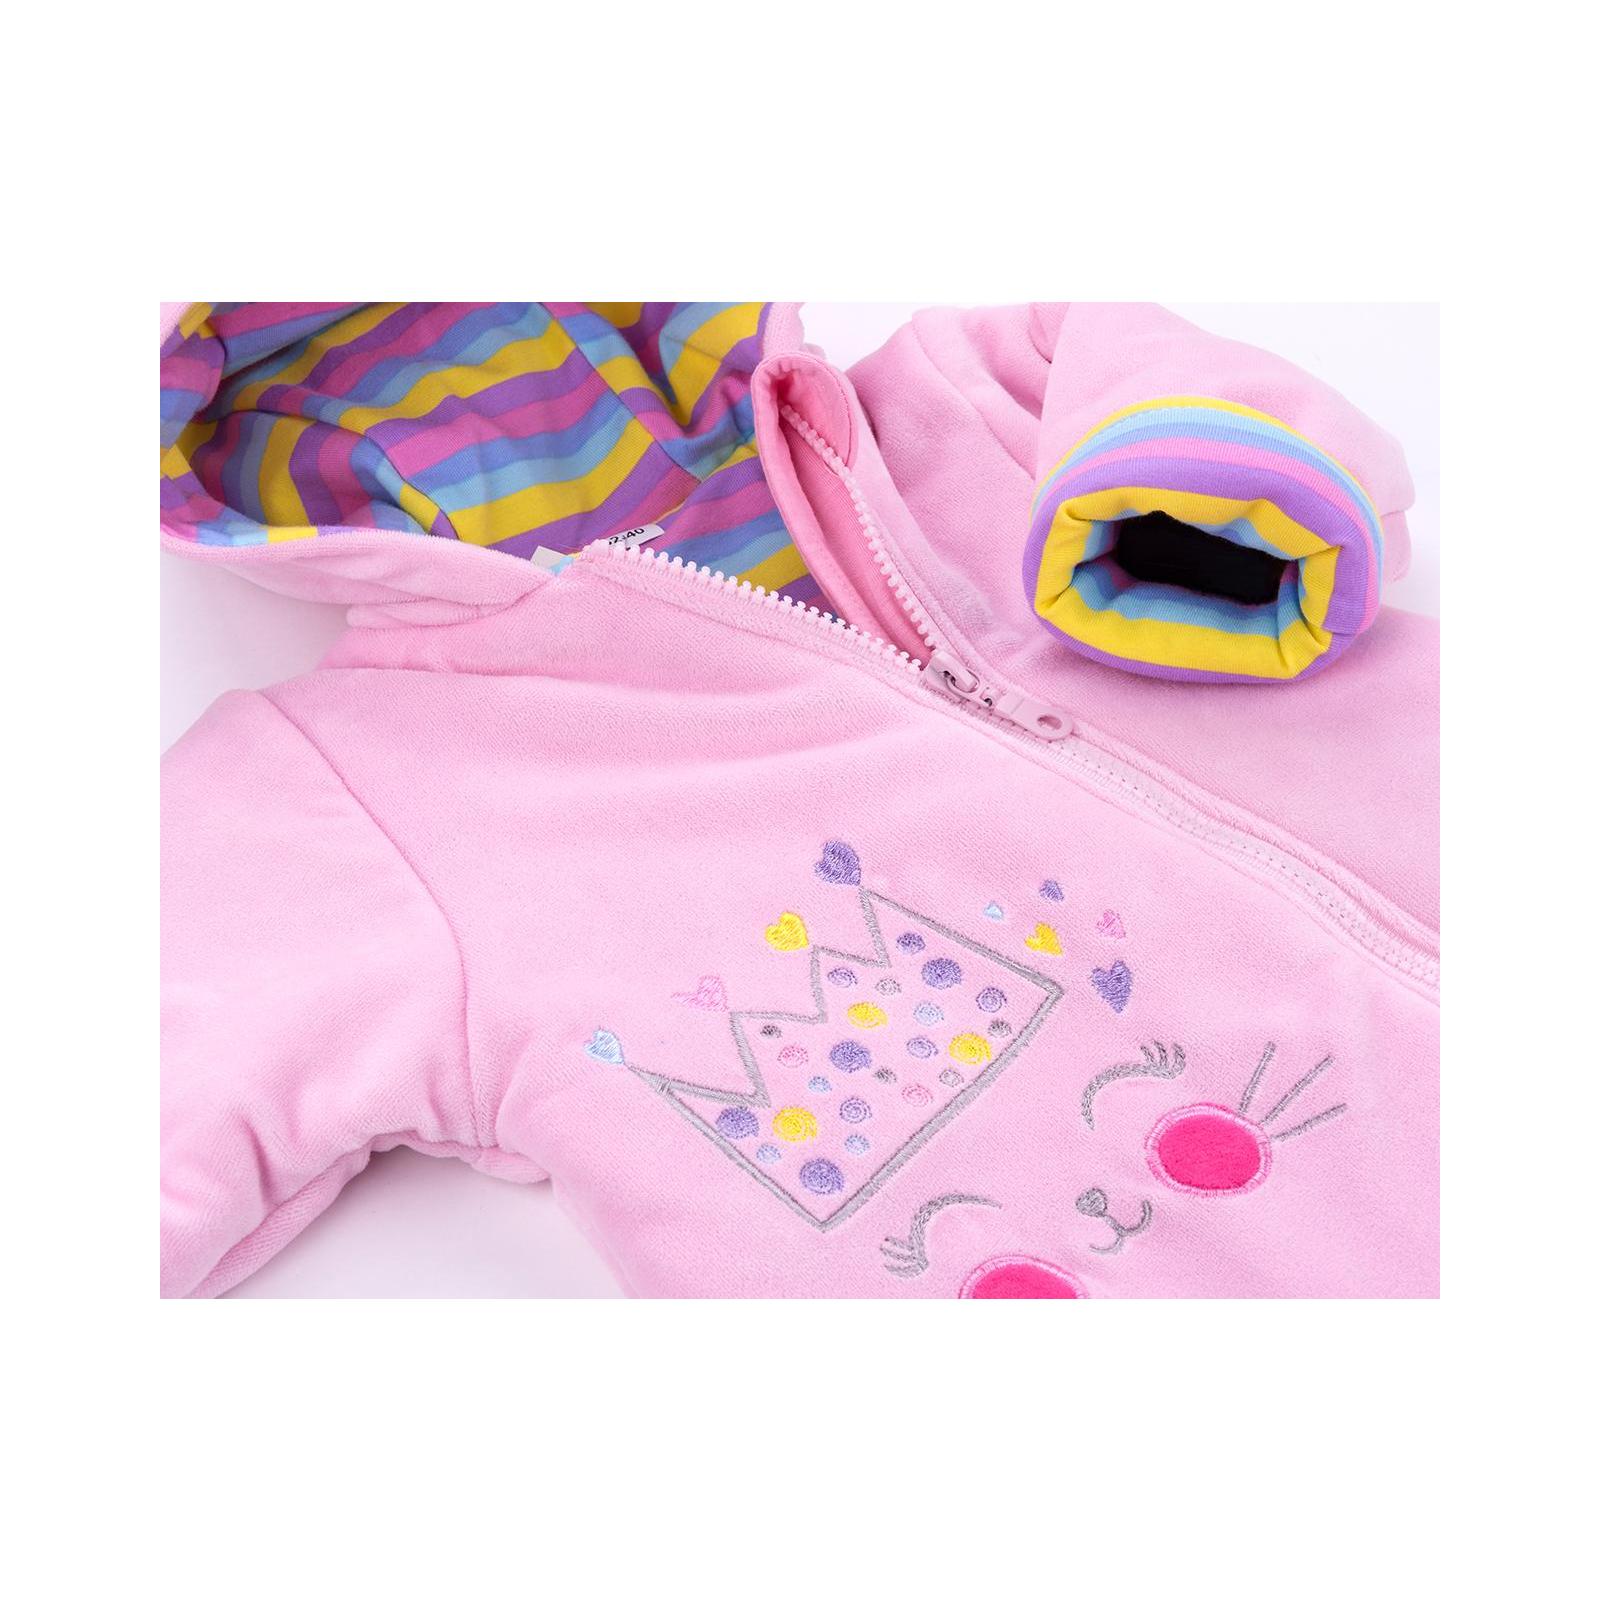 """Человечек Интеркидс """"Cool cat"""" (910-74G-pink) изображение 4"""